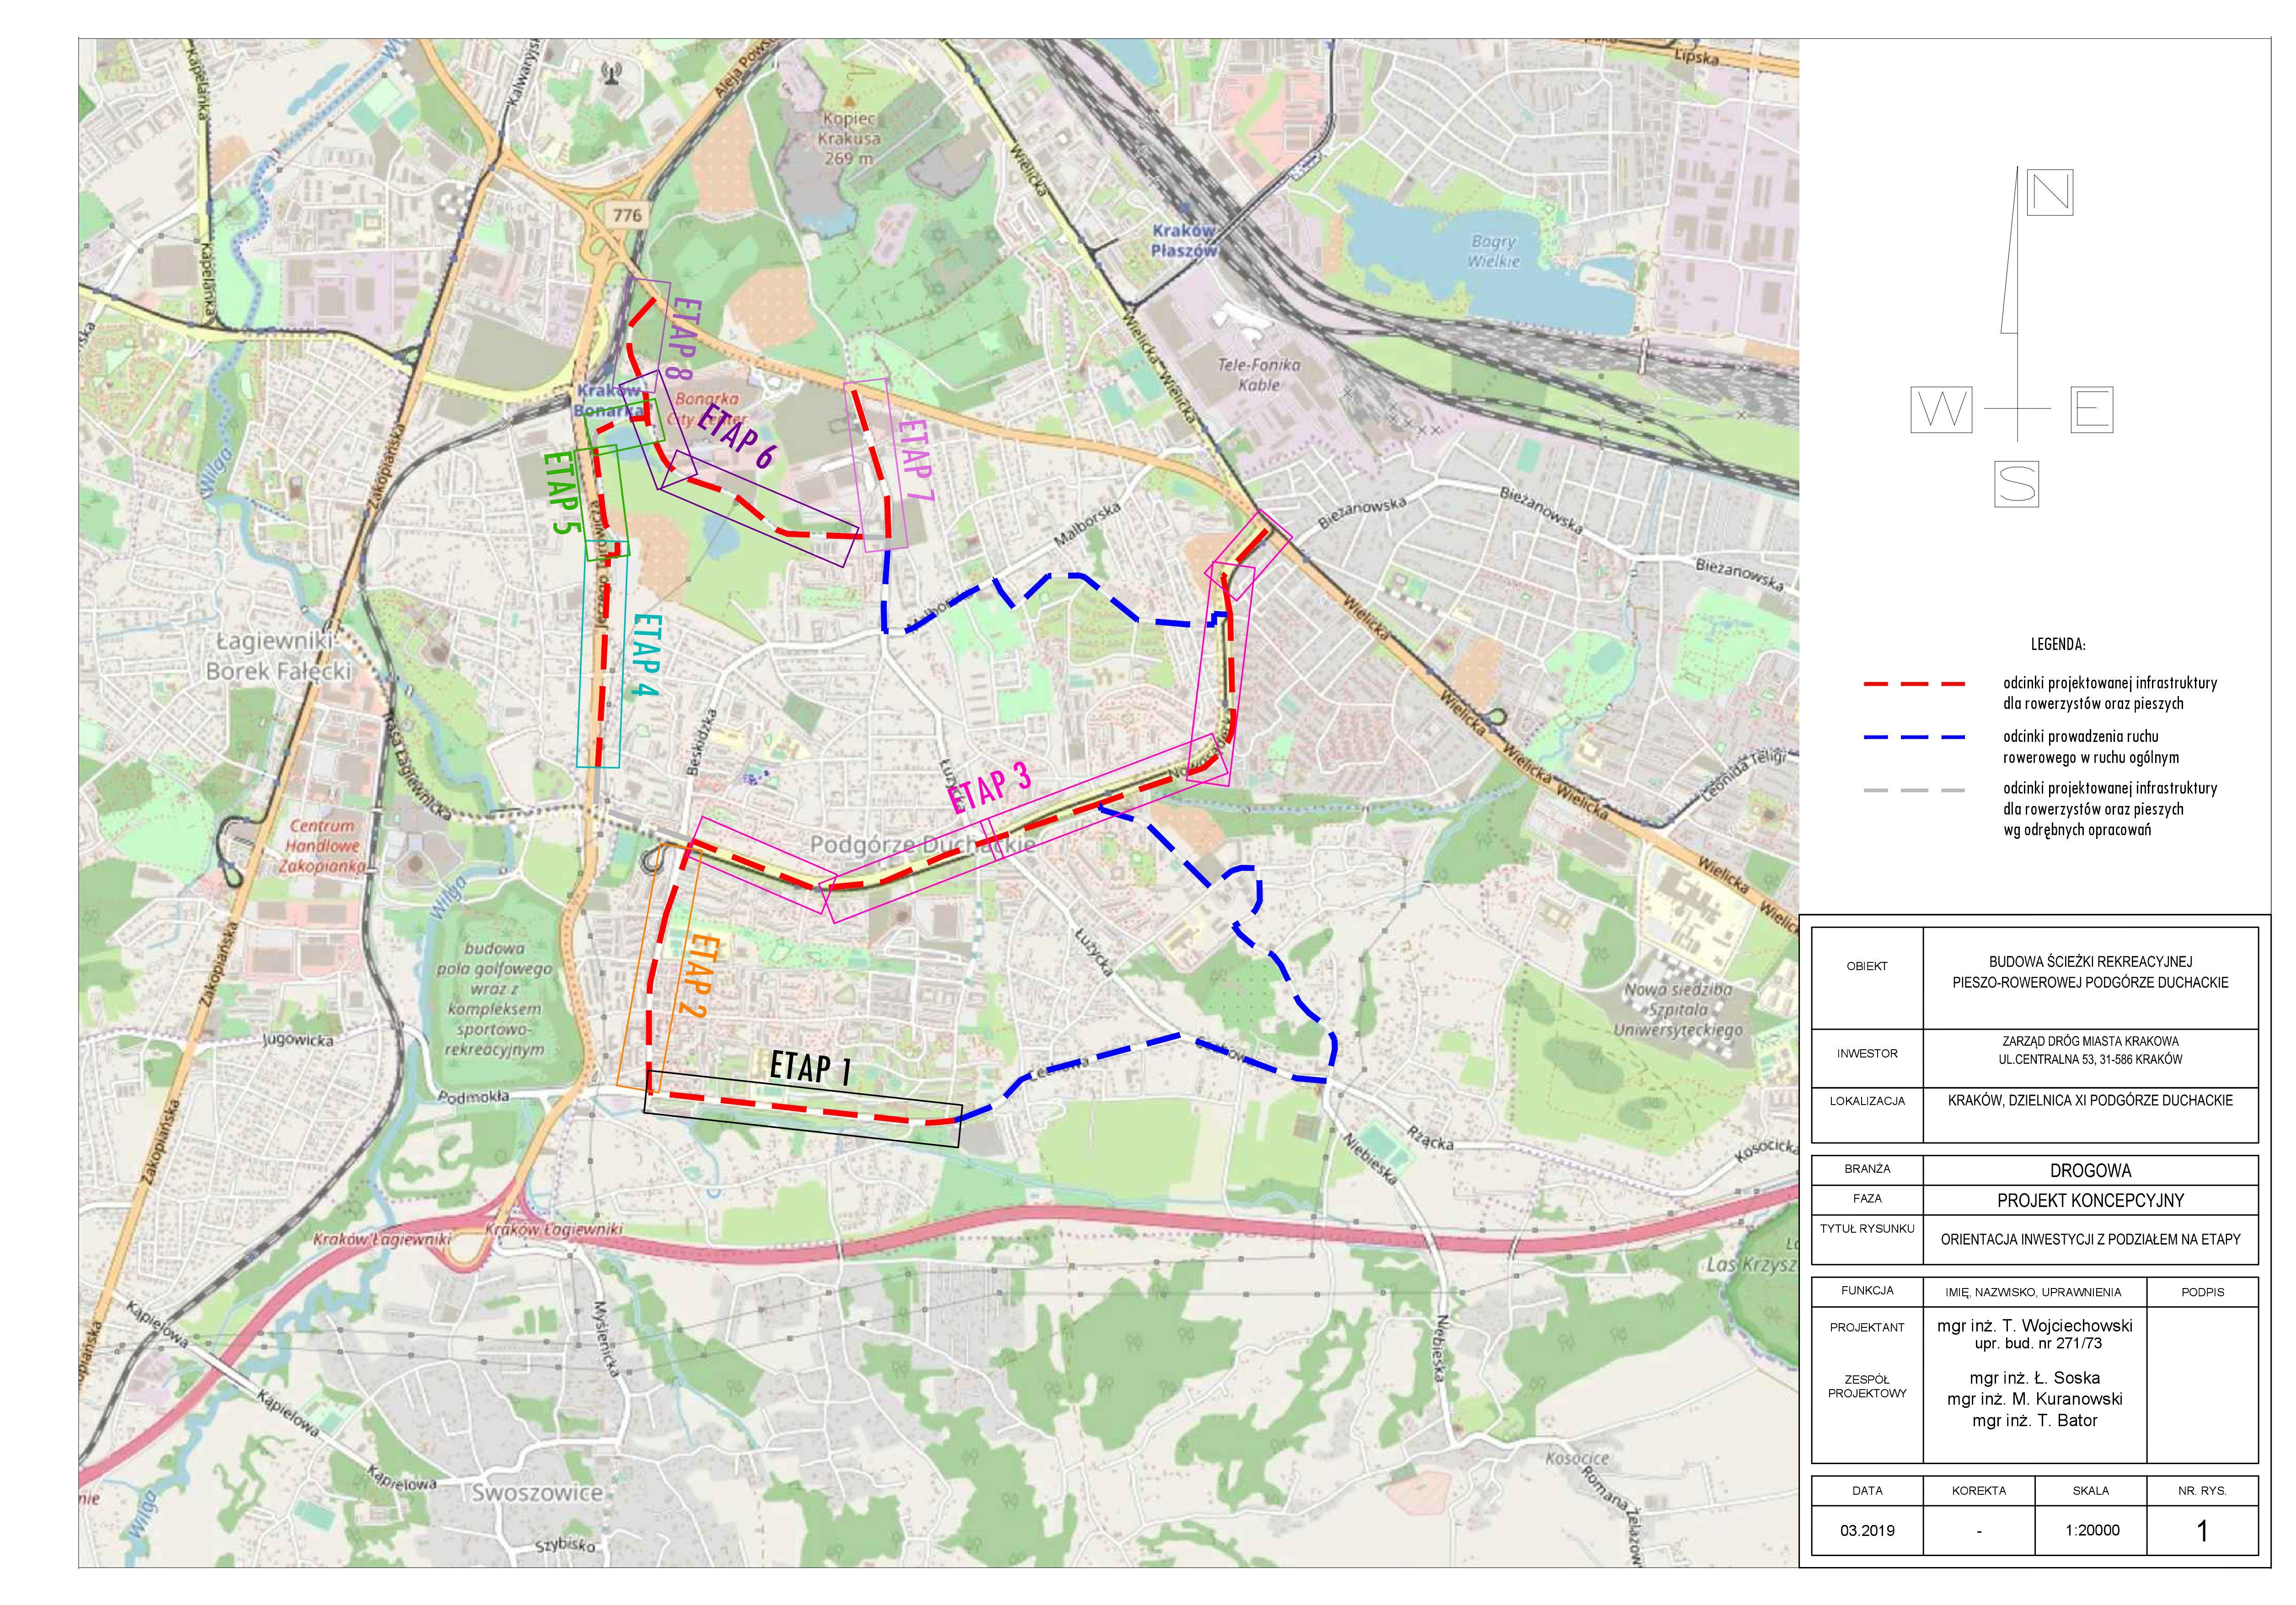 Budowa ścieżki rekreacyjnej pieszo – rowerowej Podgórze Duchackie